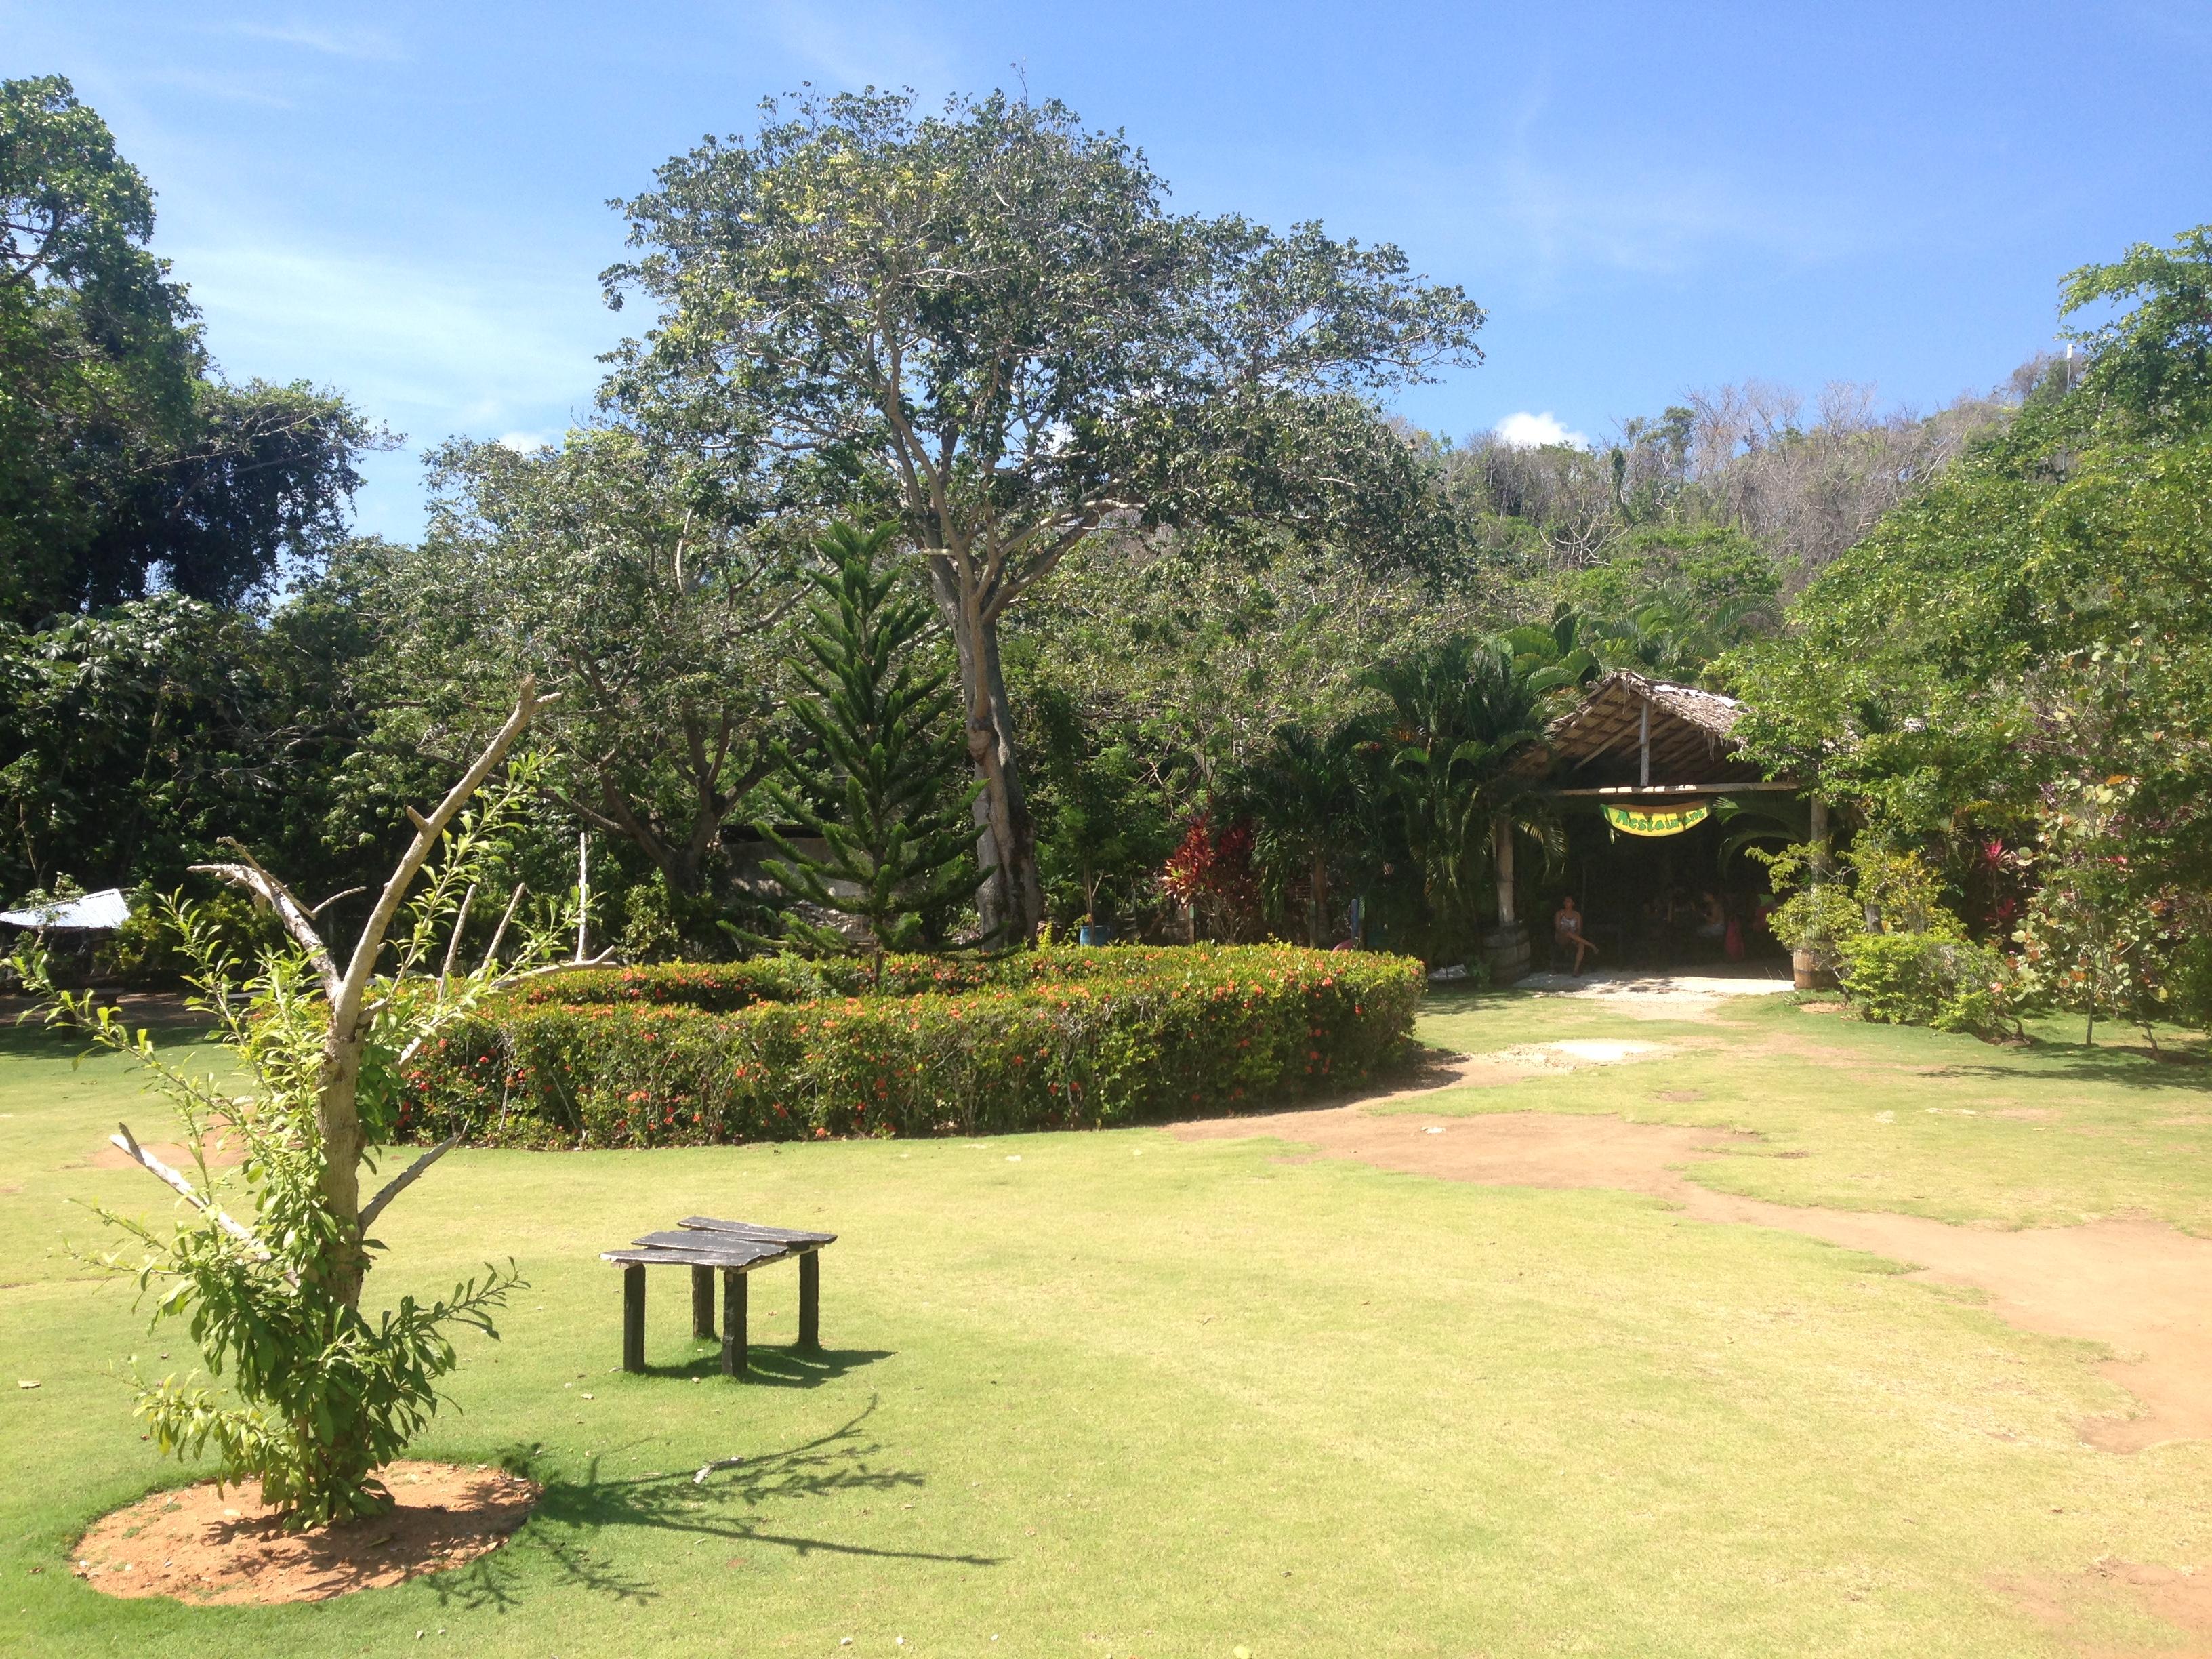 Laguna Dudu Park